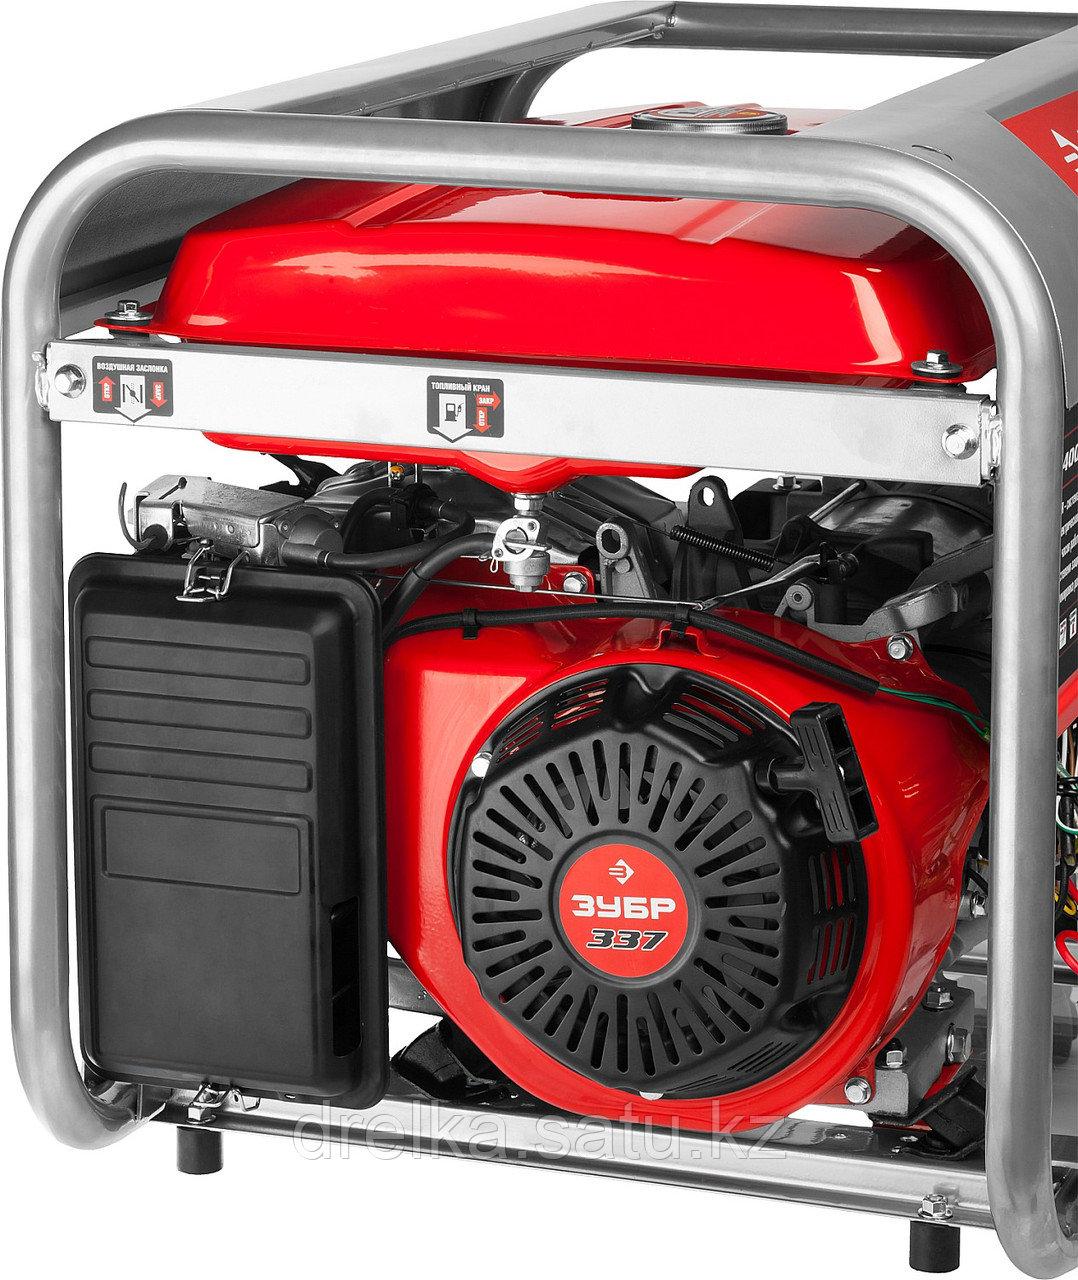 Бензиновый электрогенератор ЗУБР ЗЭСБ-4500, двигатель 4-х тактный, ручной пуск, 4500/4000Вт, 220/12В - фото 5